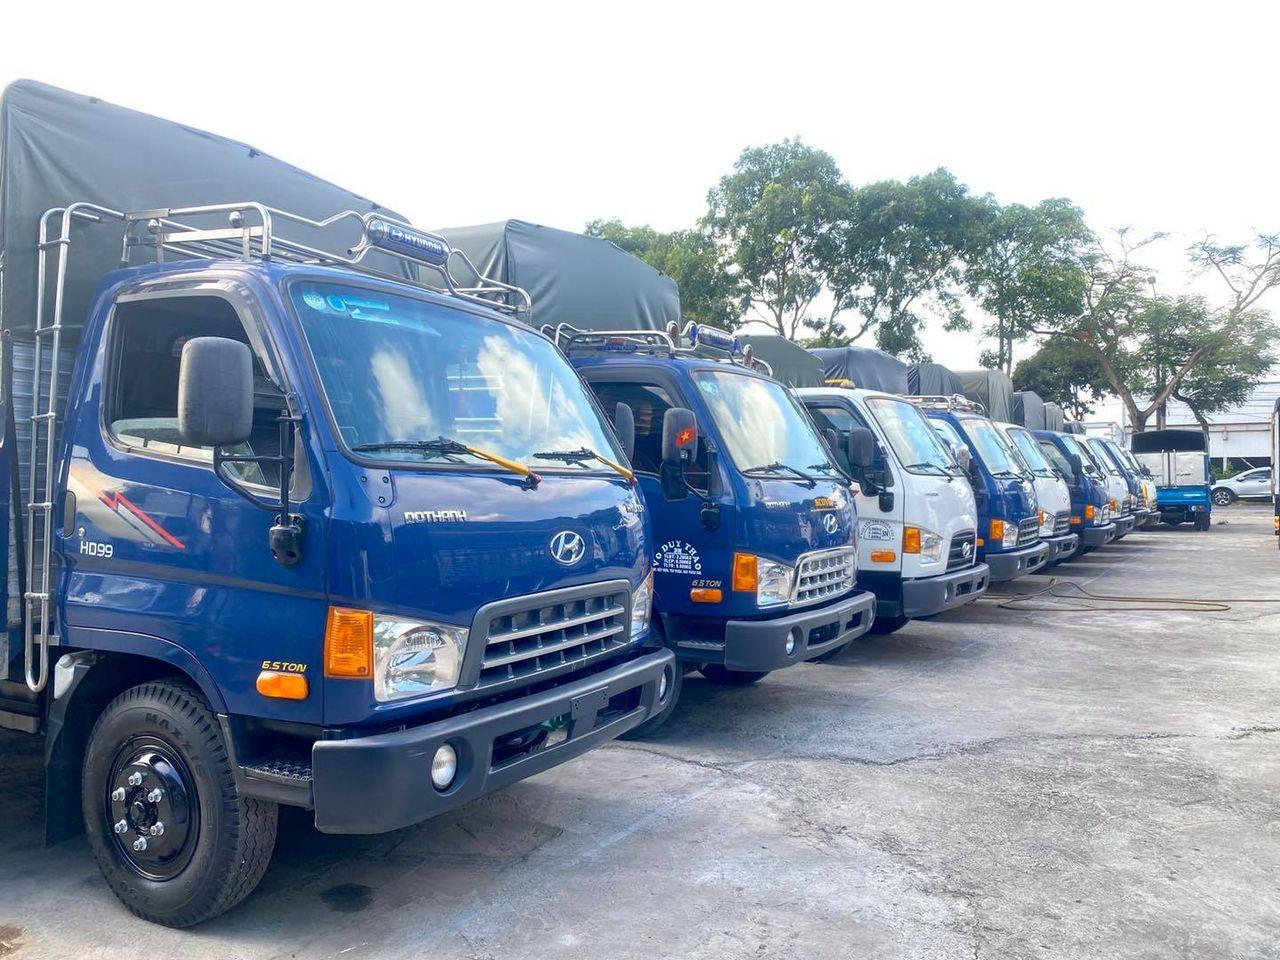 Bán xe nâng tải 5 tấn, 7 tấn, 8 tấn tại Bắc Ninh